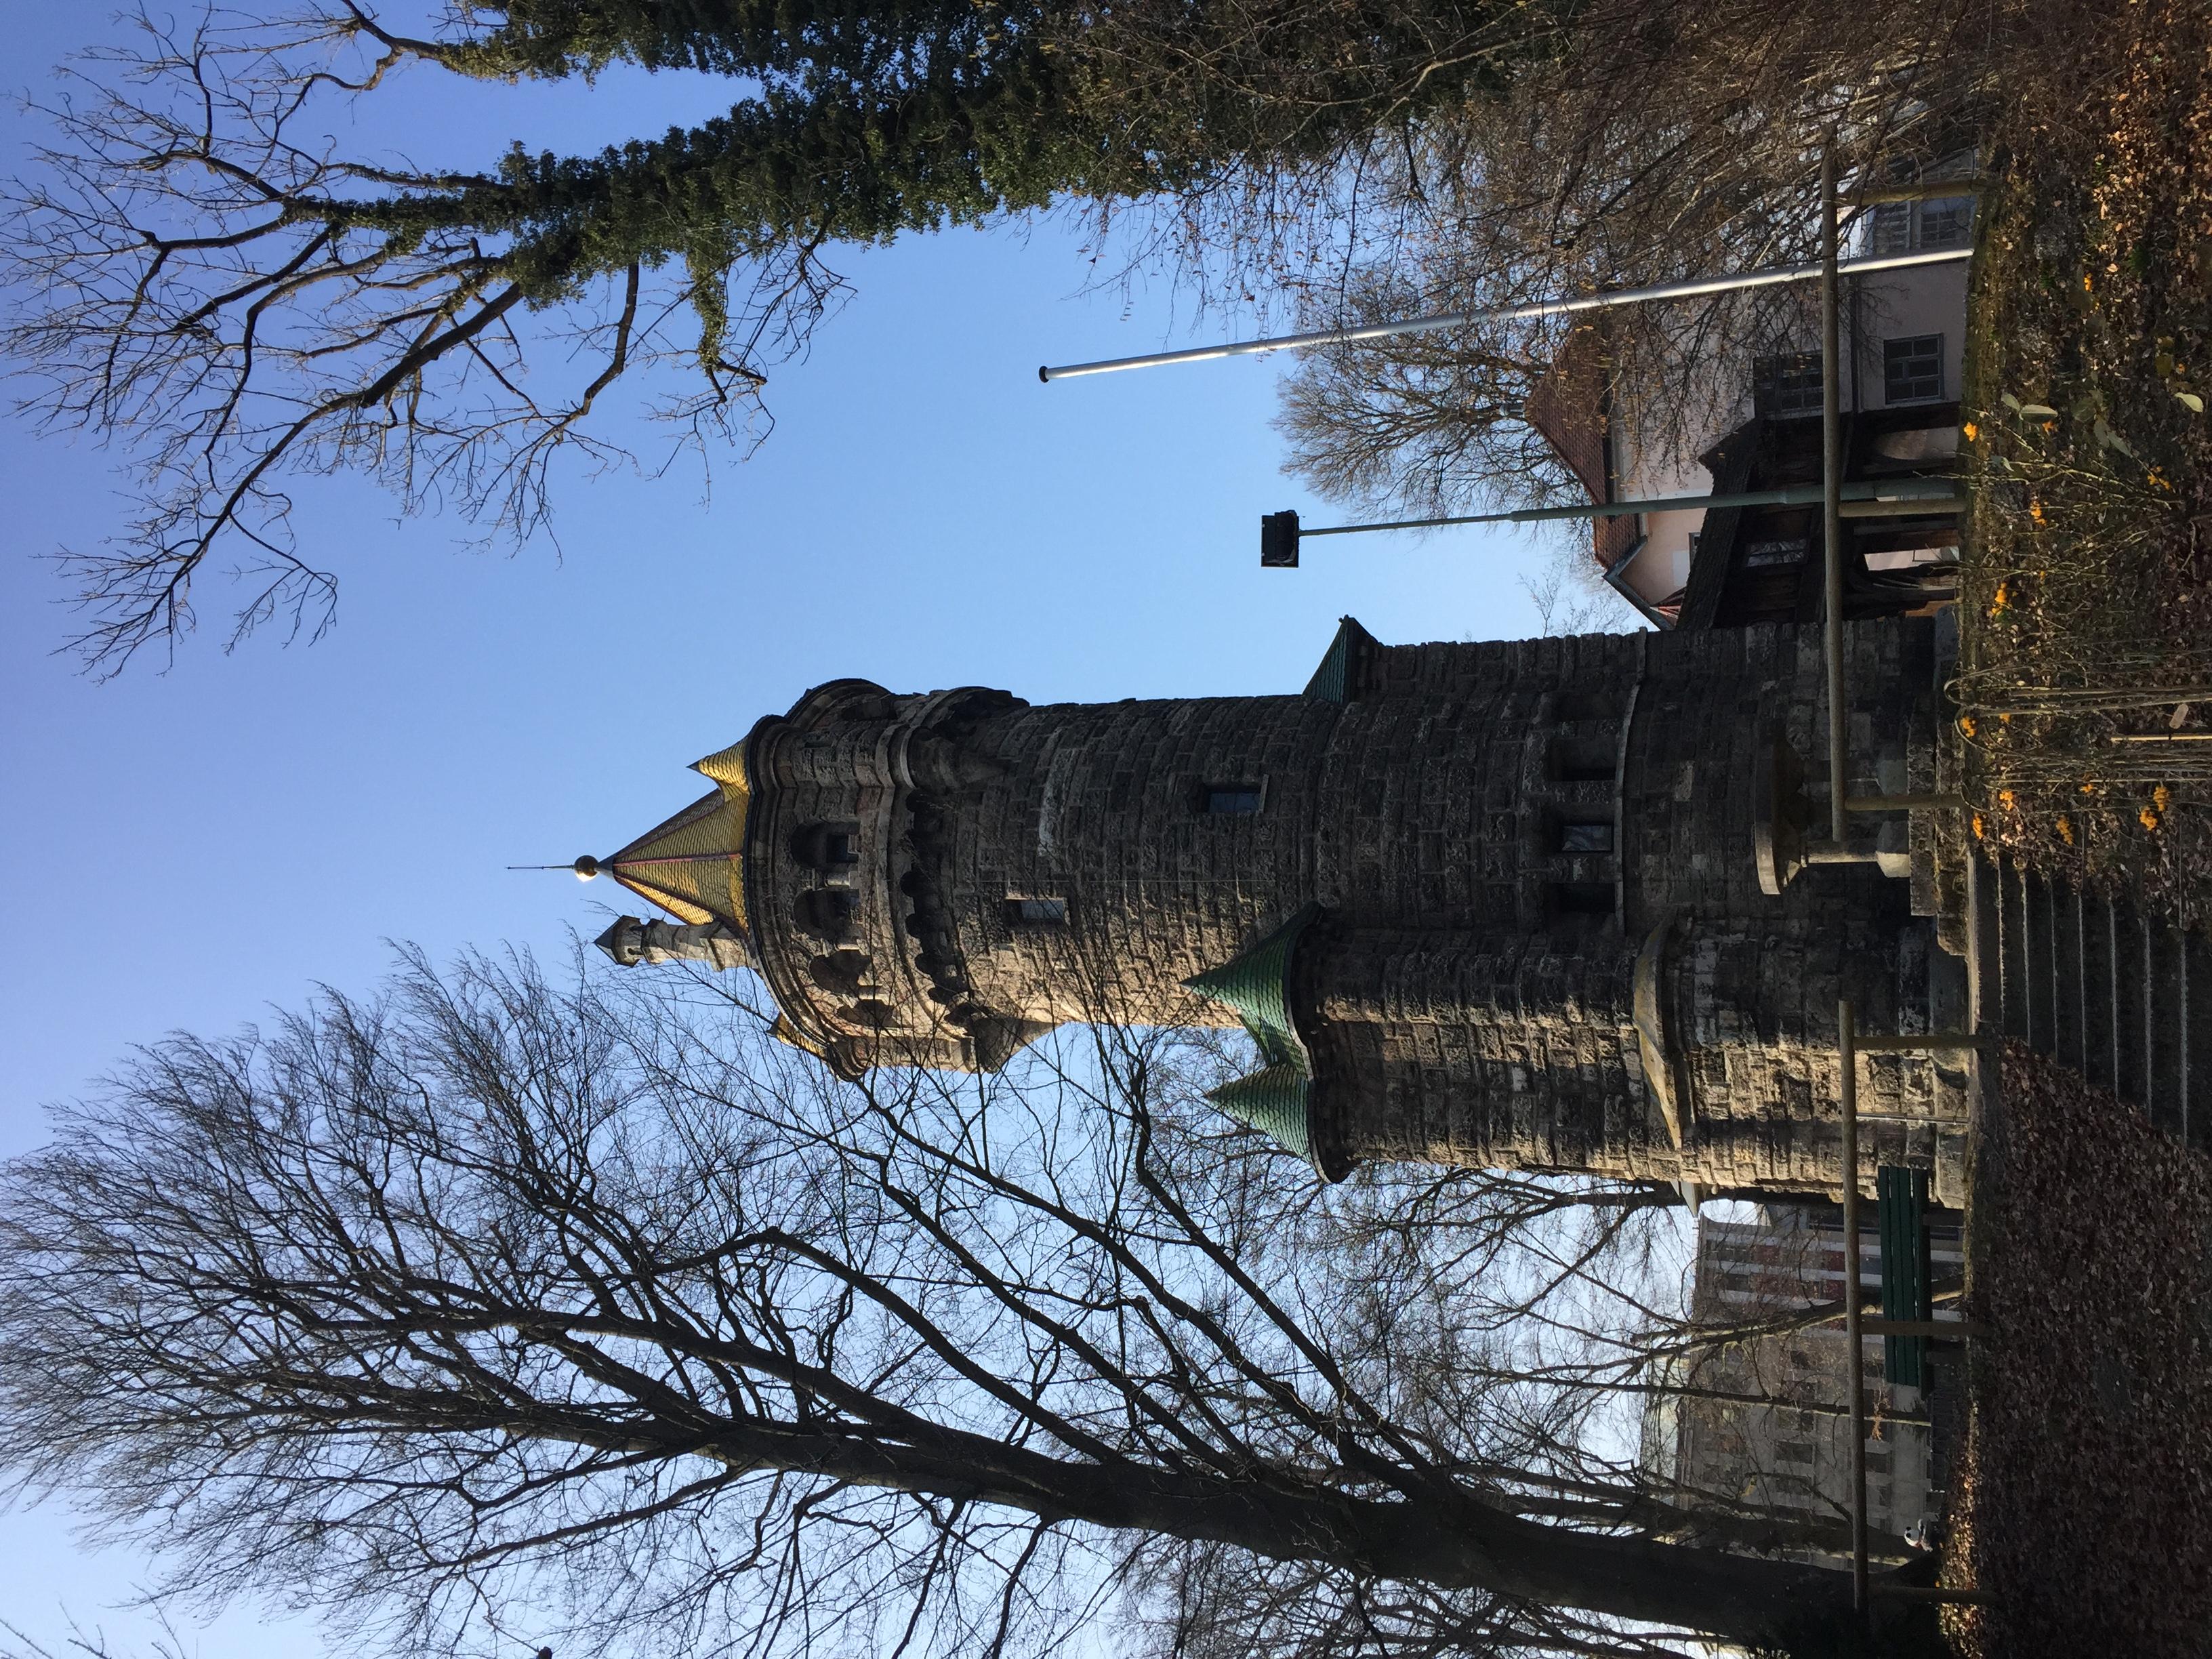 The Mutterturm